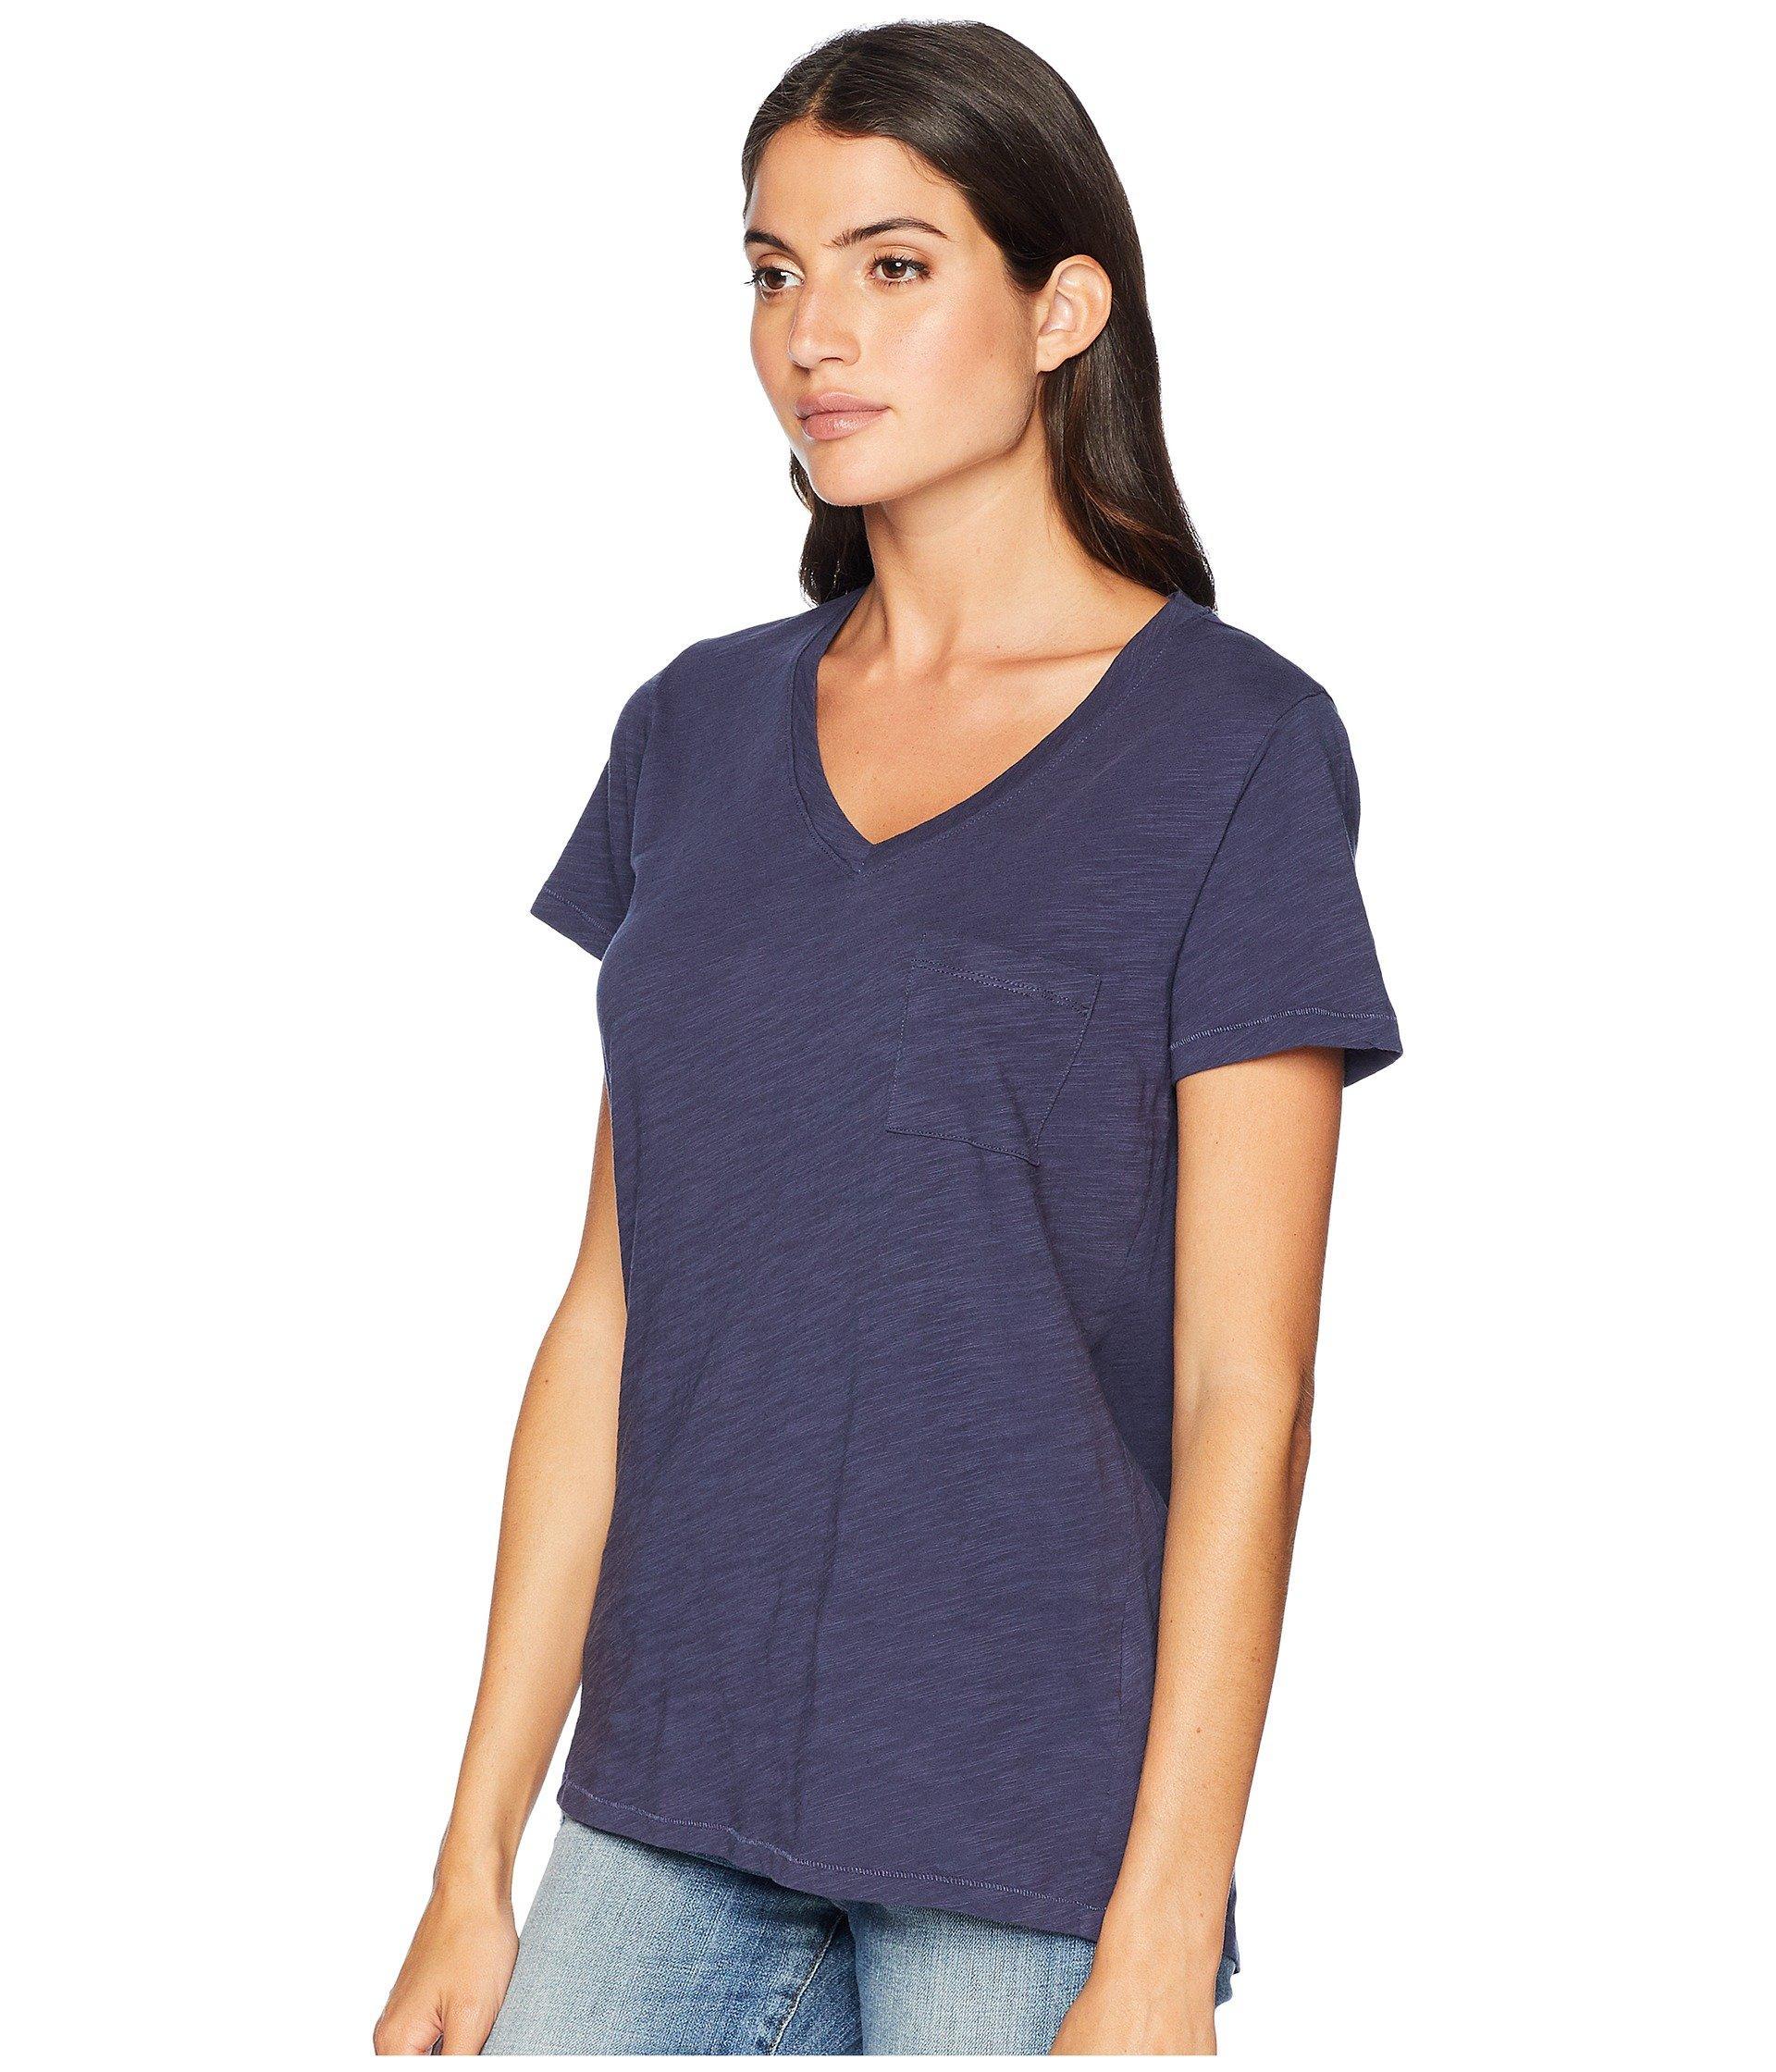 4c362afcc4ef Lyst - Pendleton V-neck Pocket Cotton Tee in Blue - Save 21%